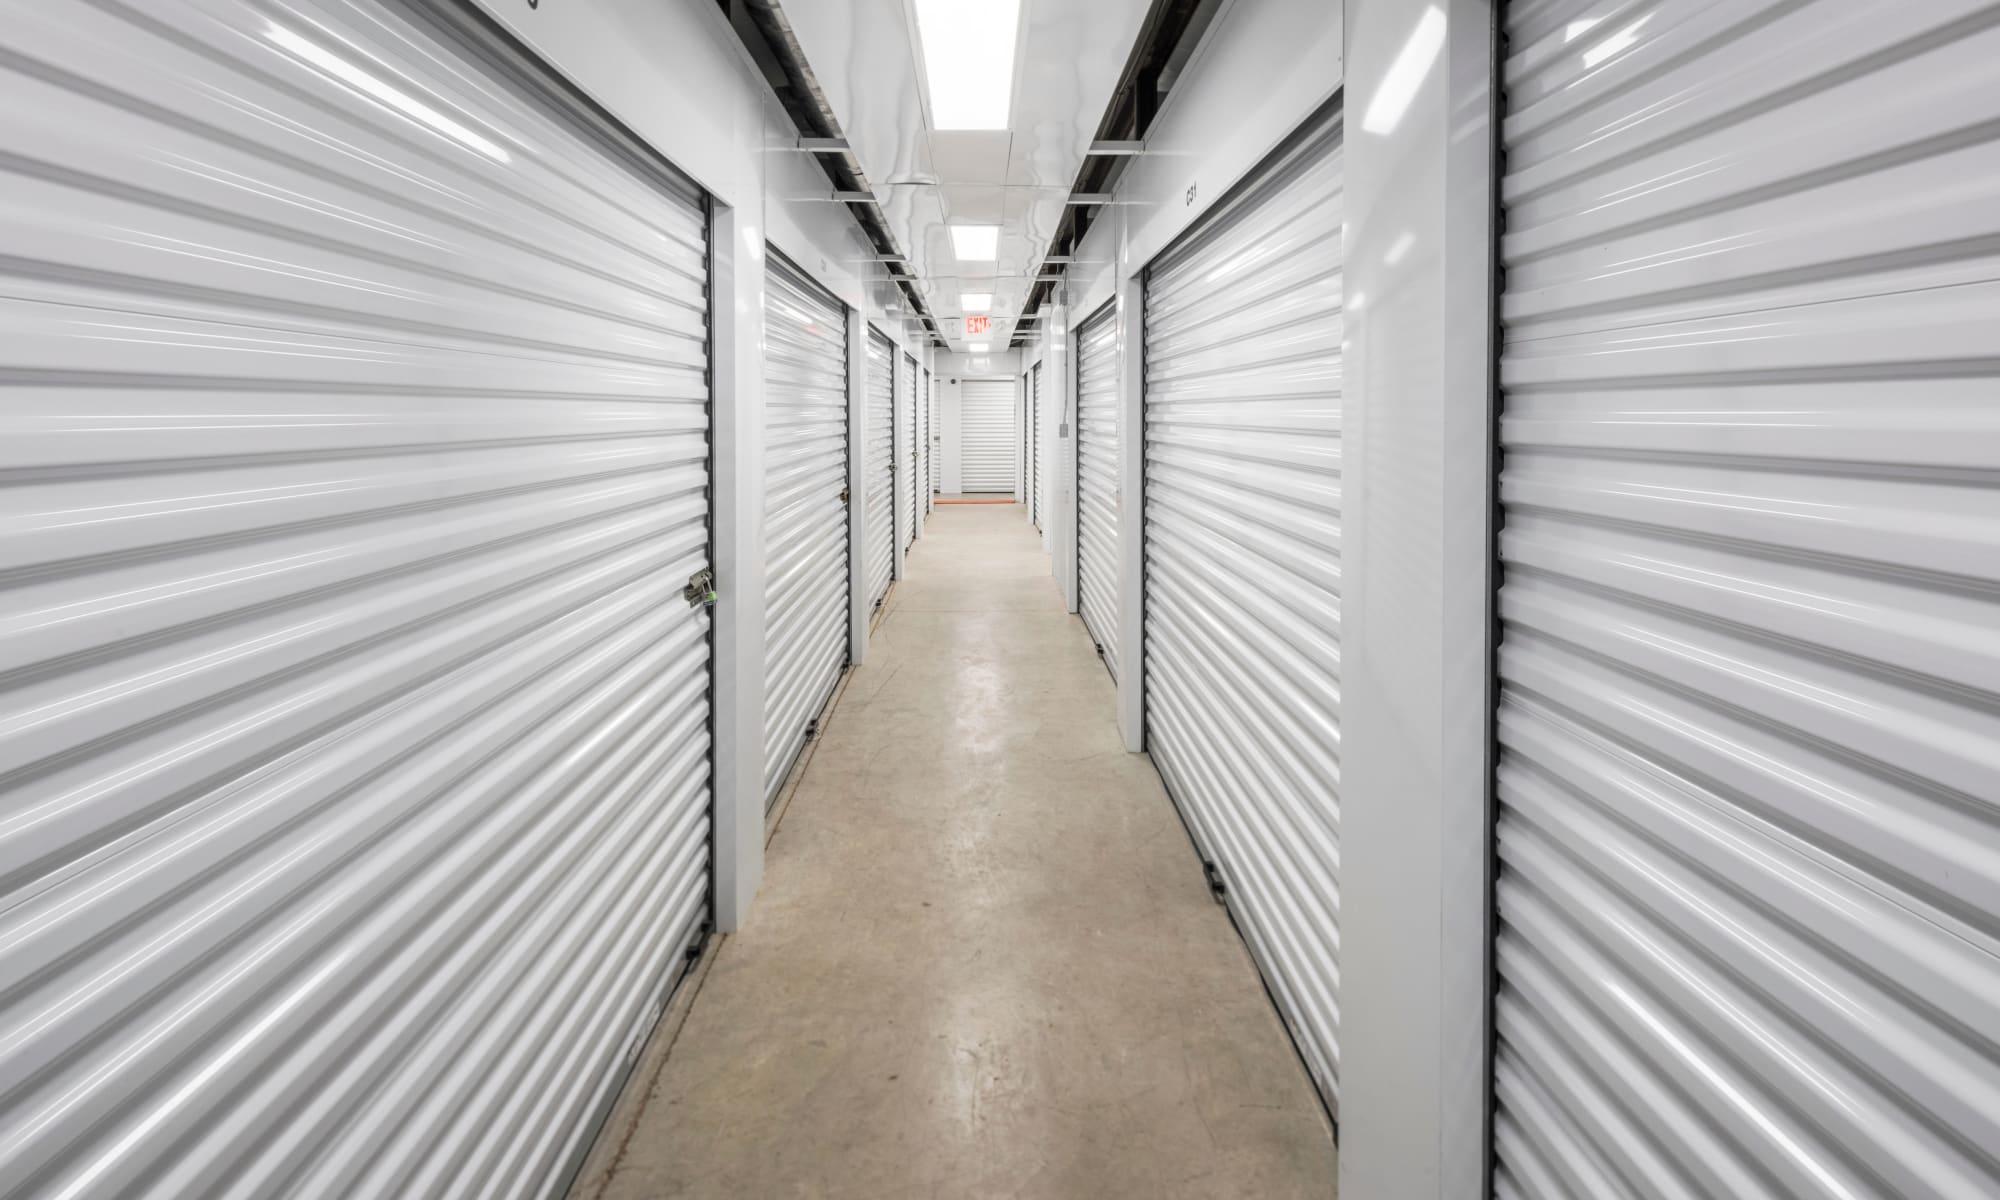 Self storage at Citizen Storage in Bartlett, Tennessee